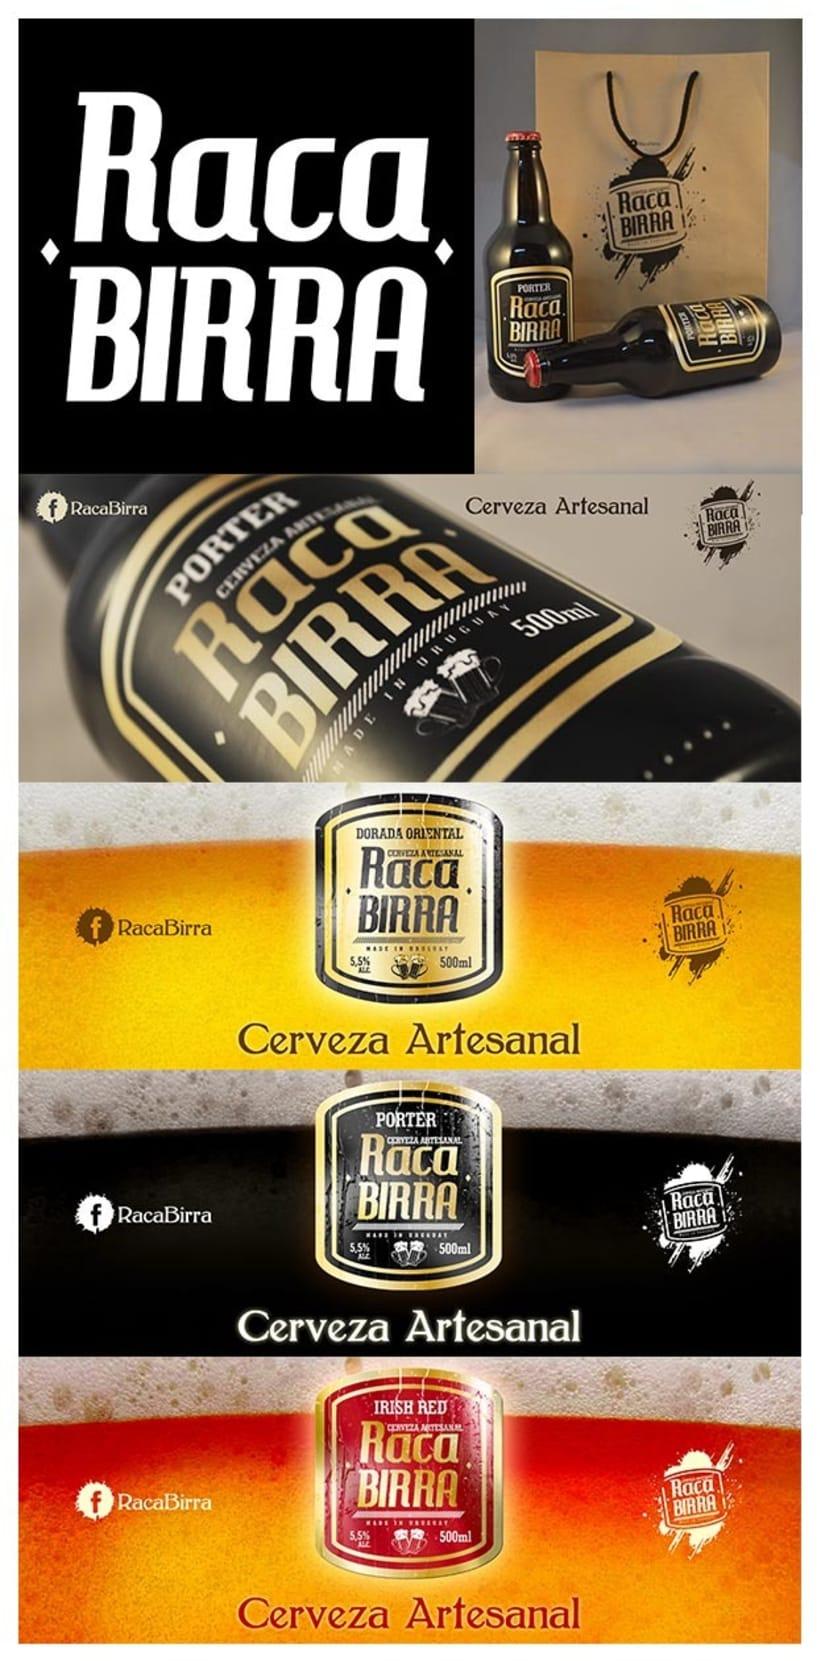 Raca Birra - Cerveza artesanal -1